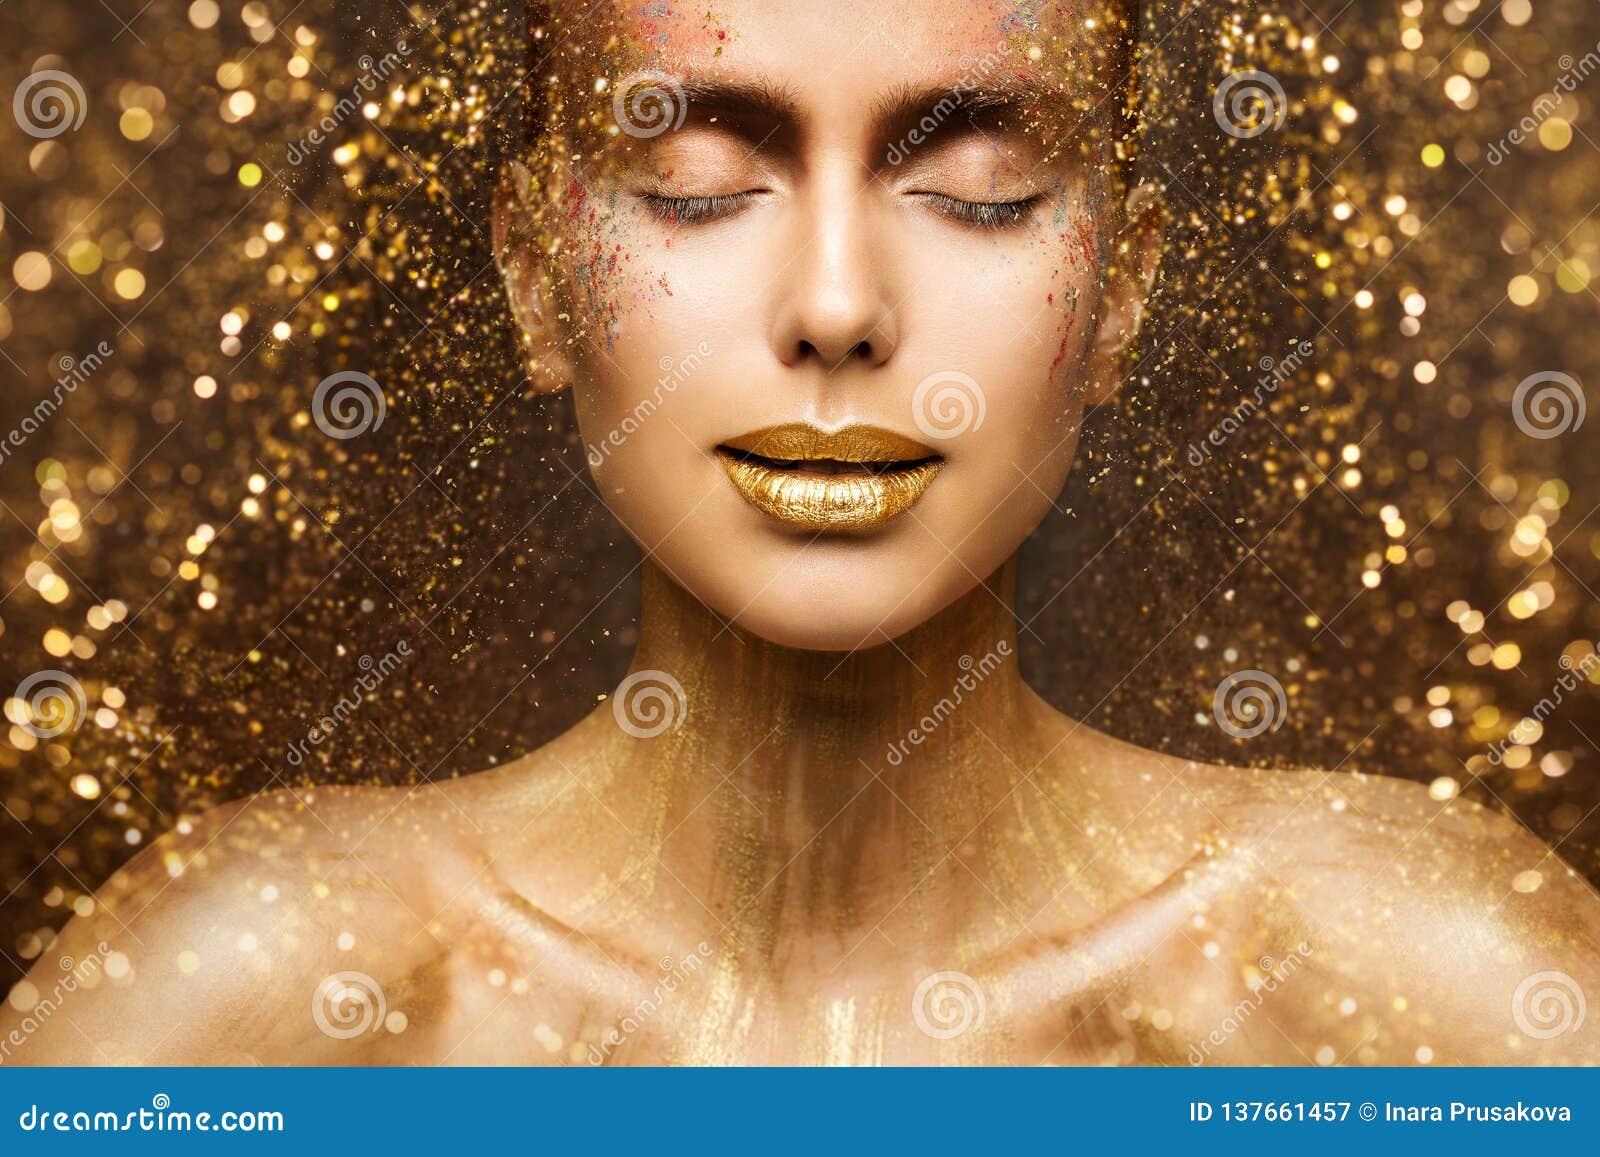 Złocisty mody Makeup, sztuki piękna twarz i wargi, Uzupełniamy w Złotym Błyskamy, kobieta sen